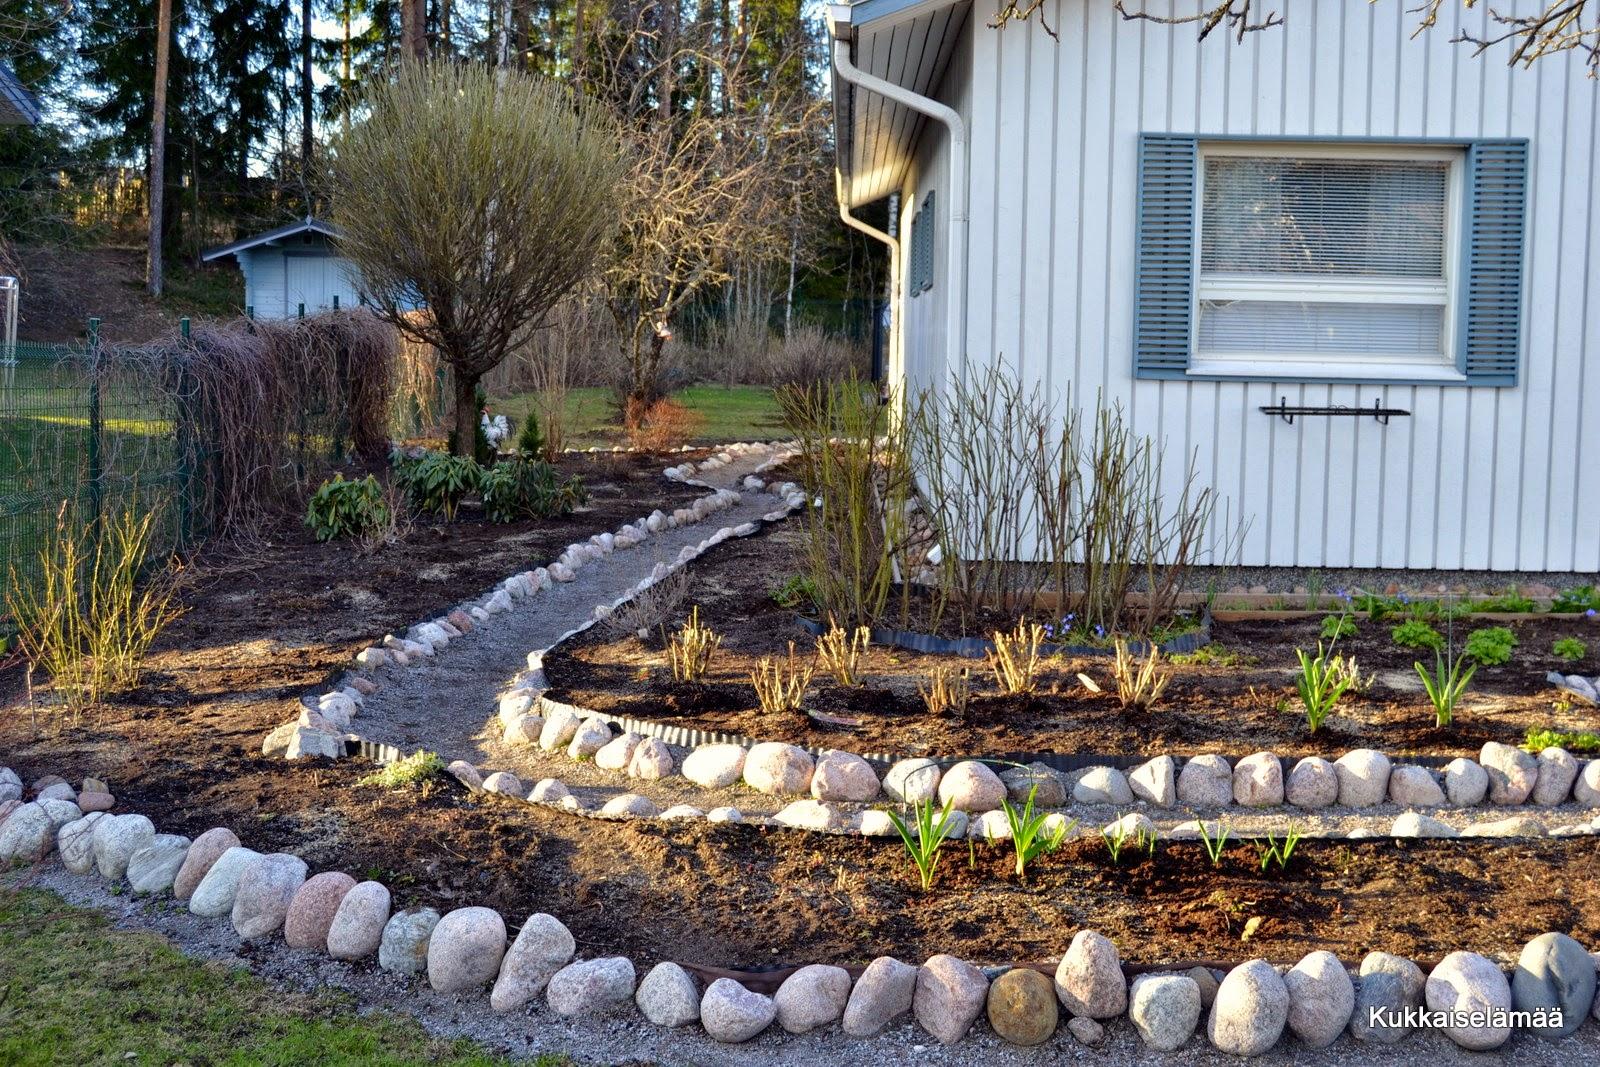 Pihatöitä ja kompurointia – Gardening